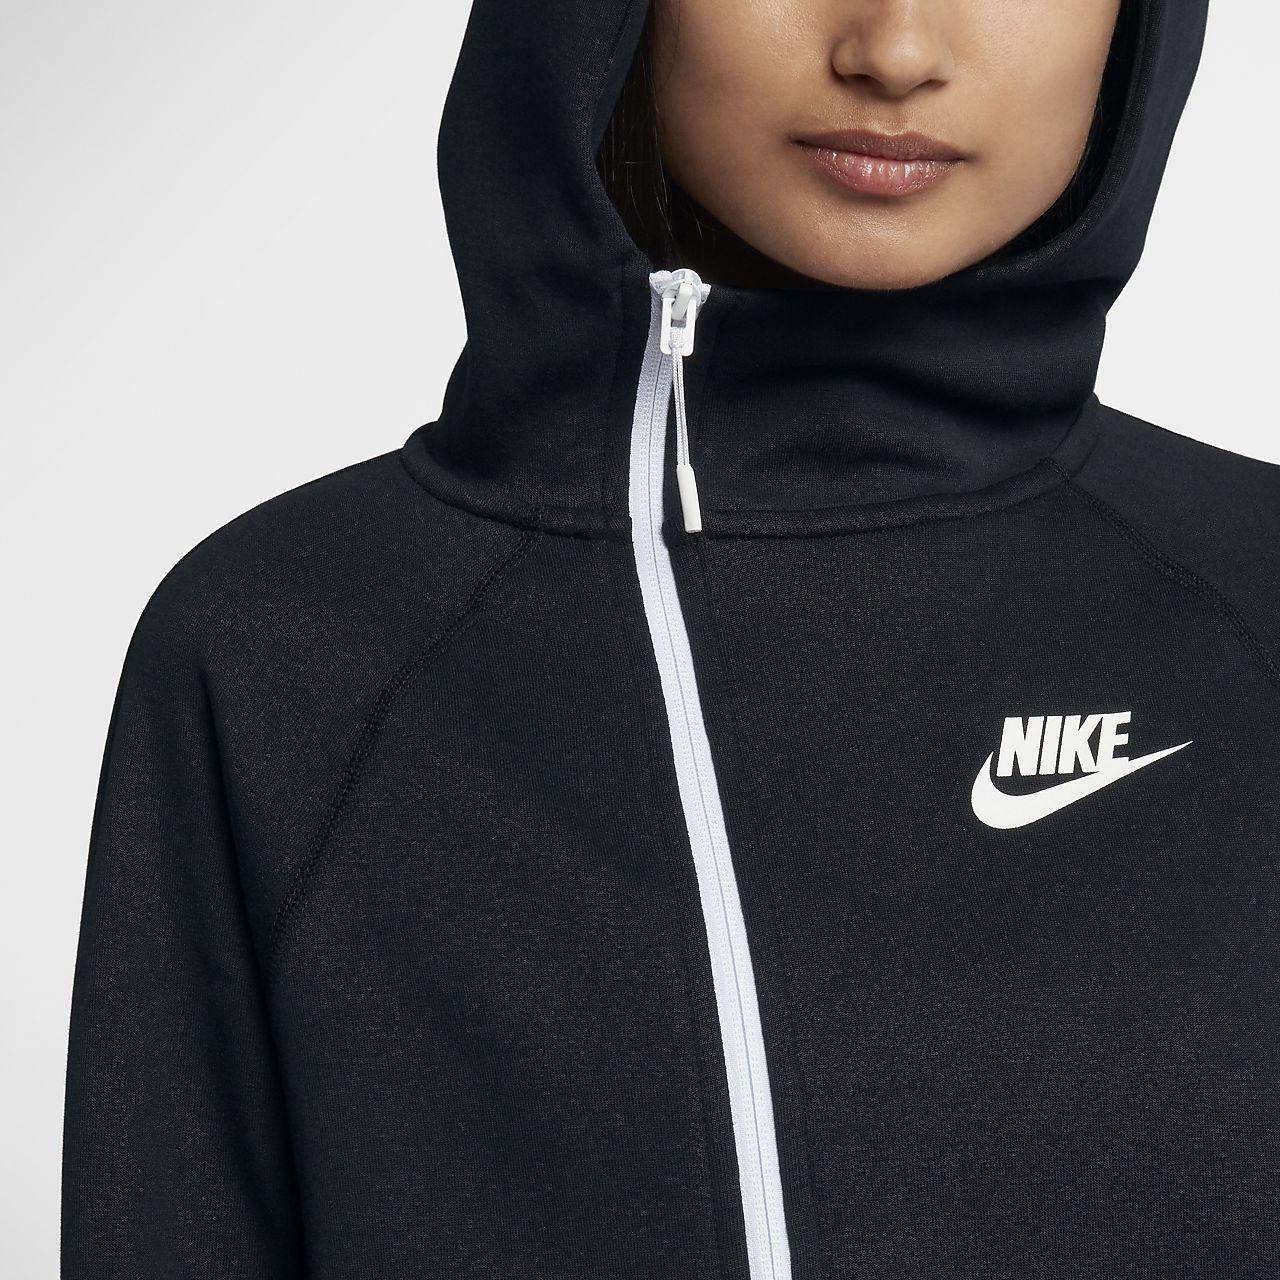 898998e8 Nike Sportswear Tech Fleece Women's Full-Zip Cape. Nike.com AU